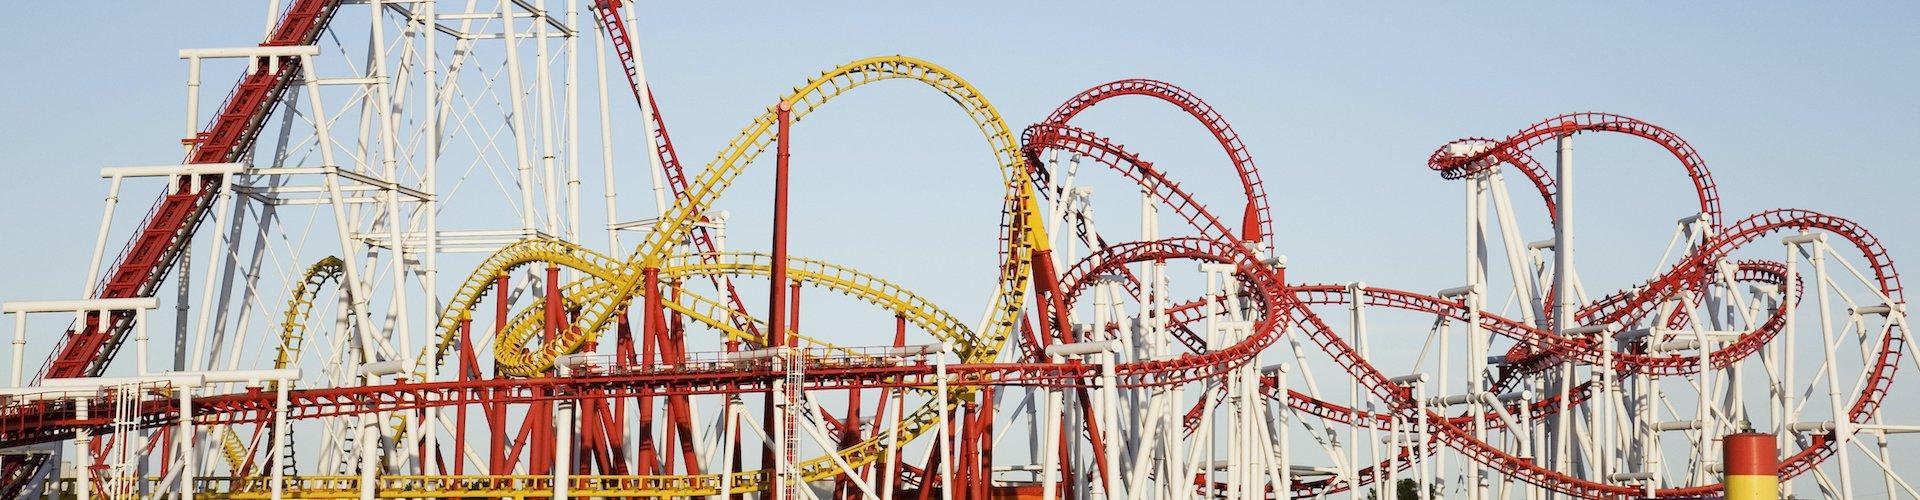 Freizeitpark Disneyland Park Anaheim